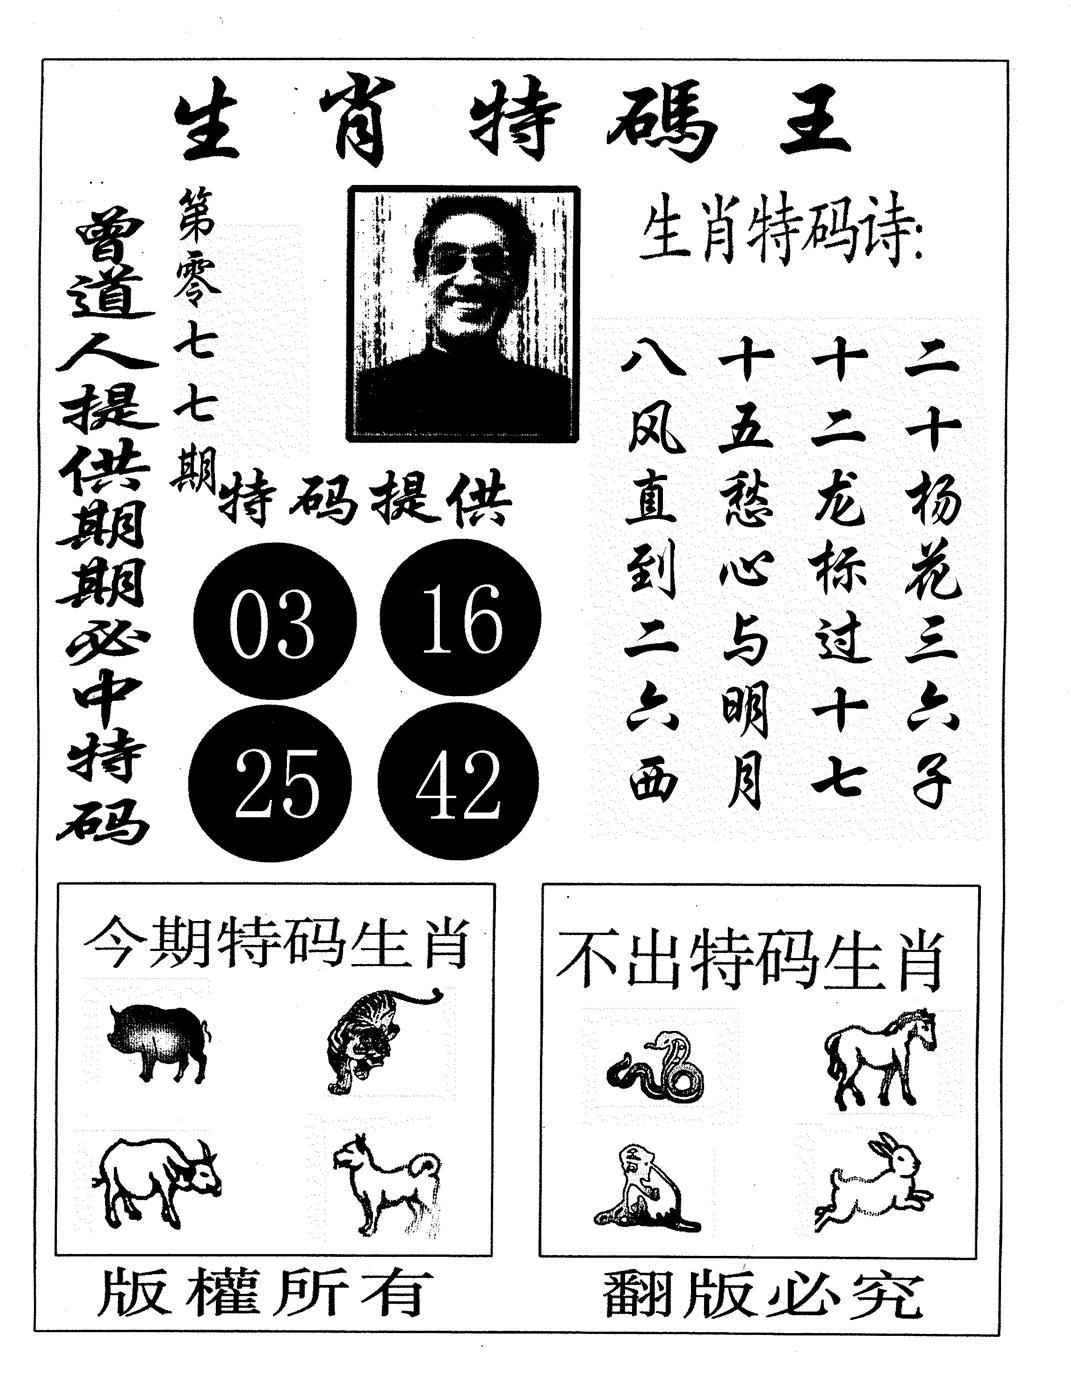 077期六合帝王B(黑白)